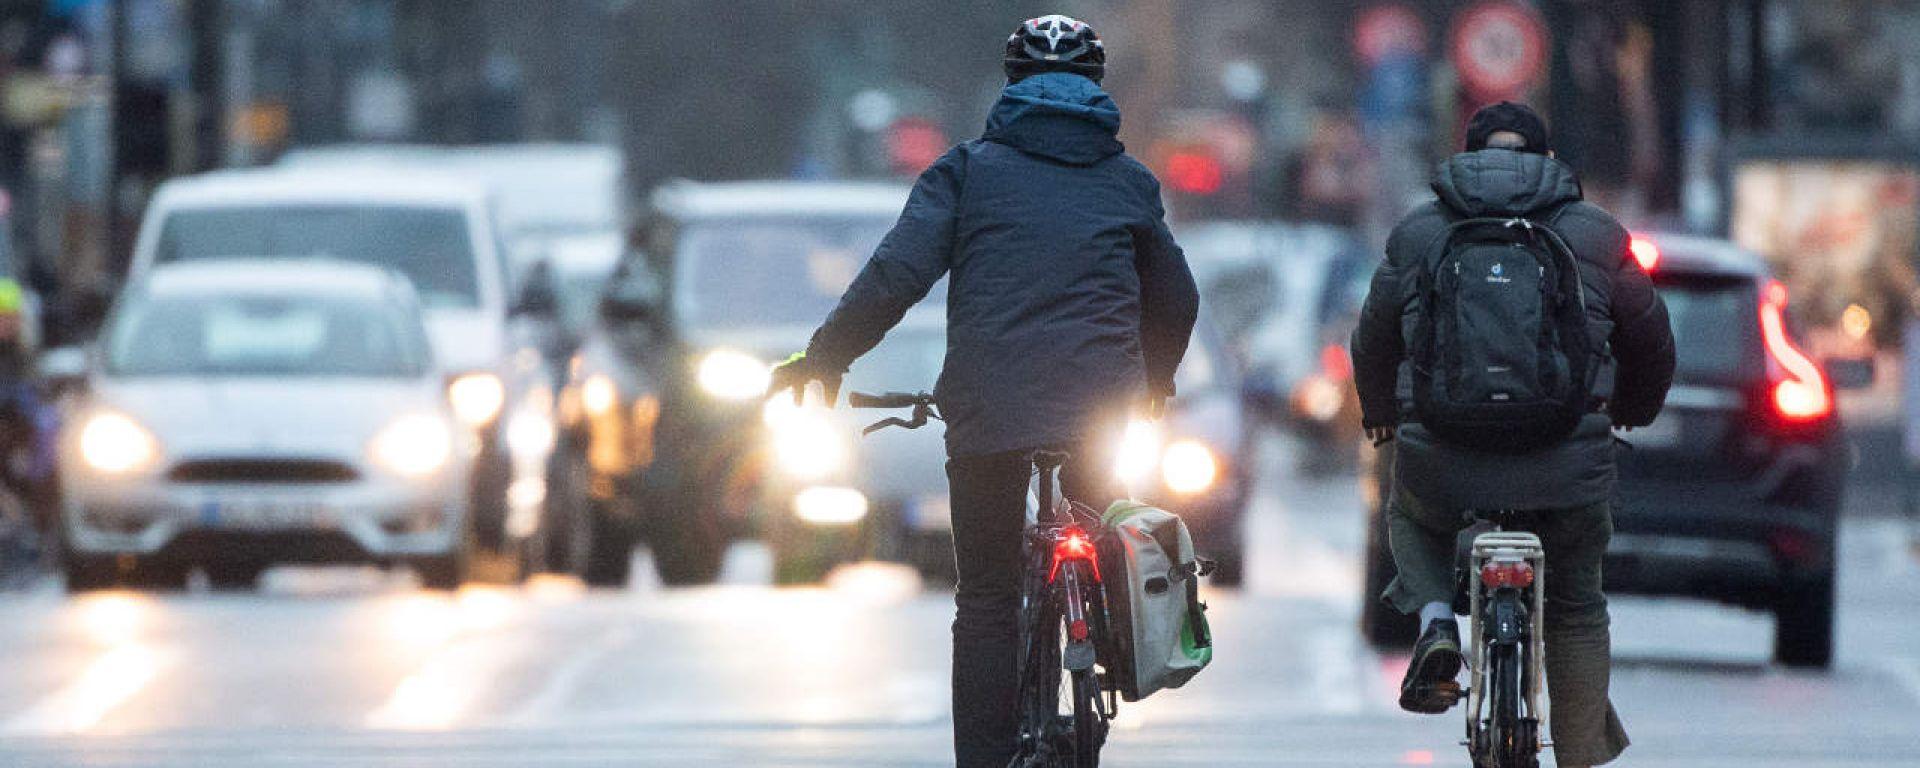 Circolazione delle biciclette contromano: quando si può?